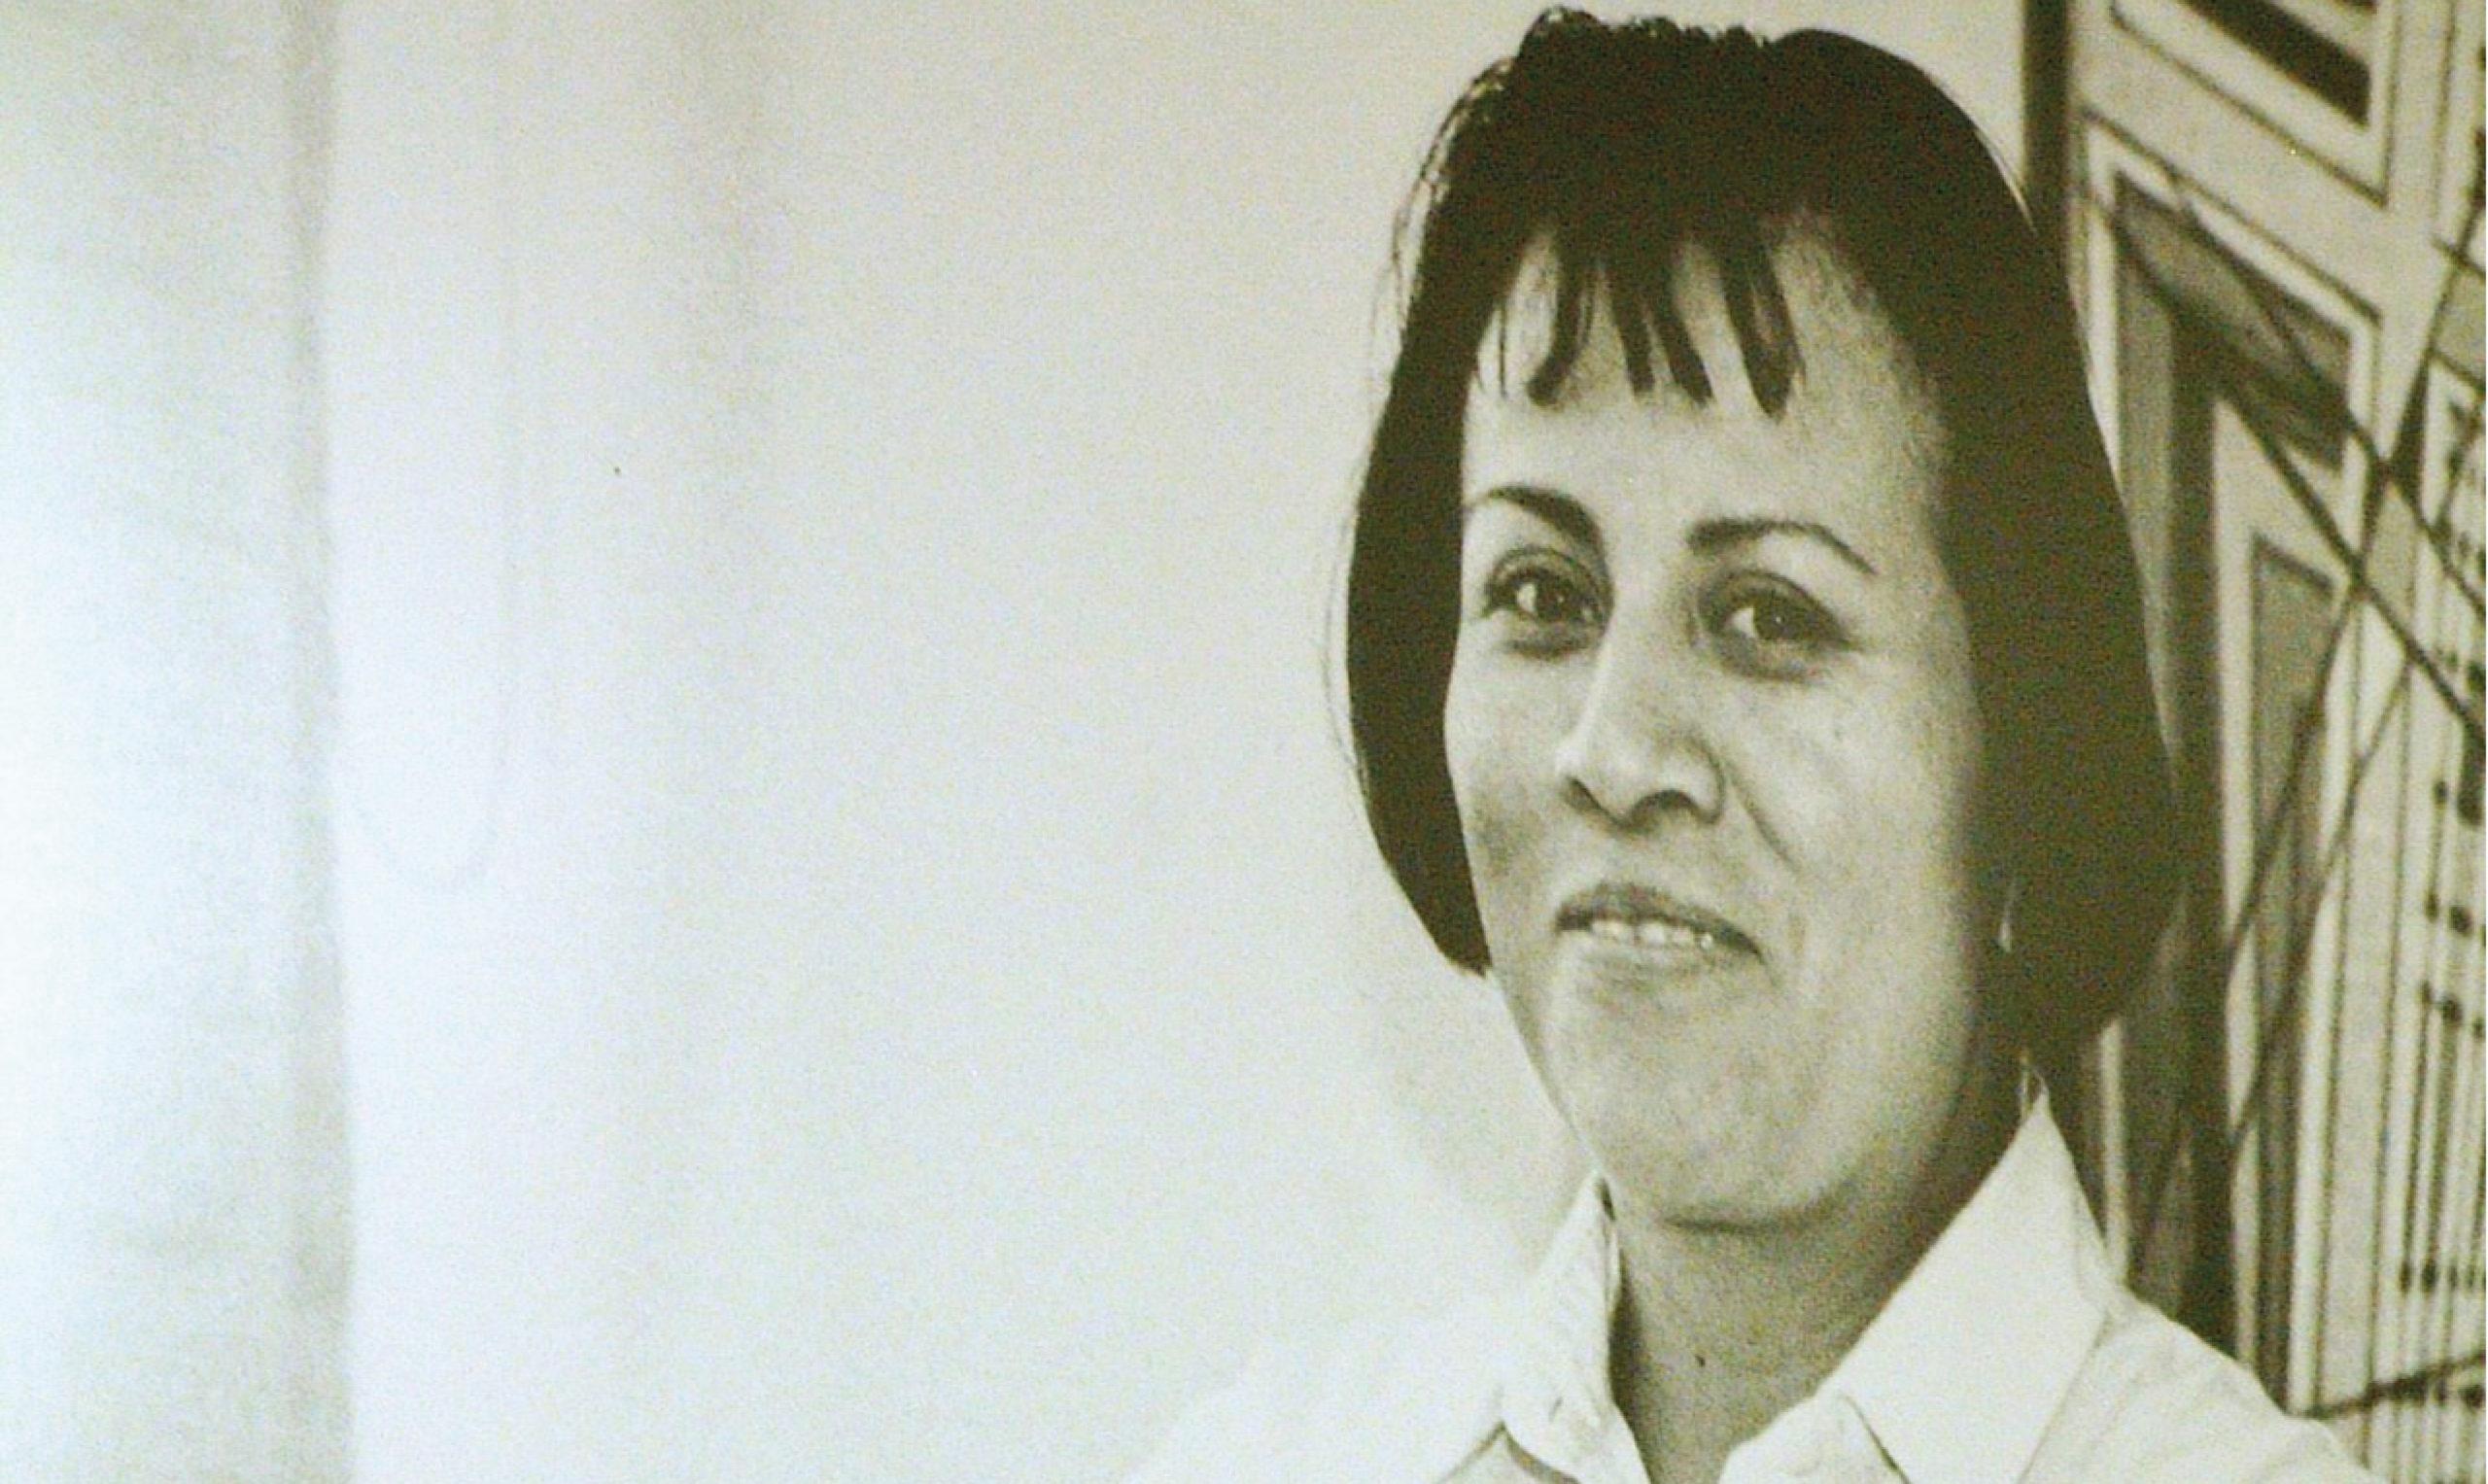 Gobierno de México reabrirá caso de la defensora Digna Ochoa